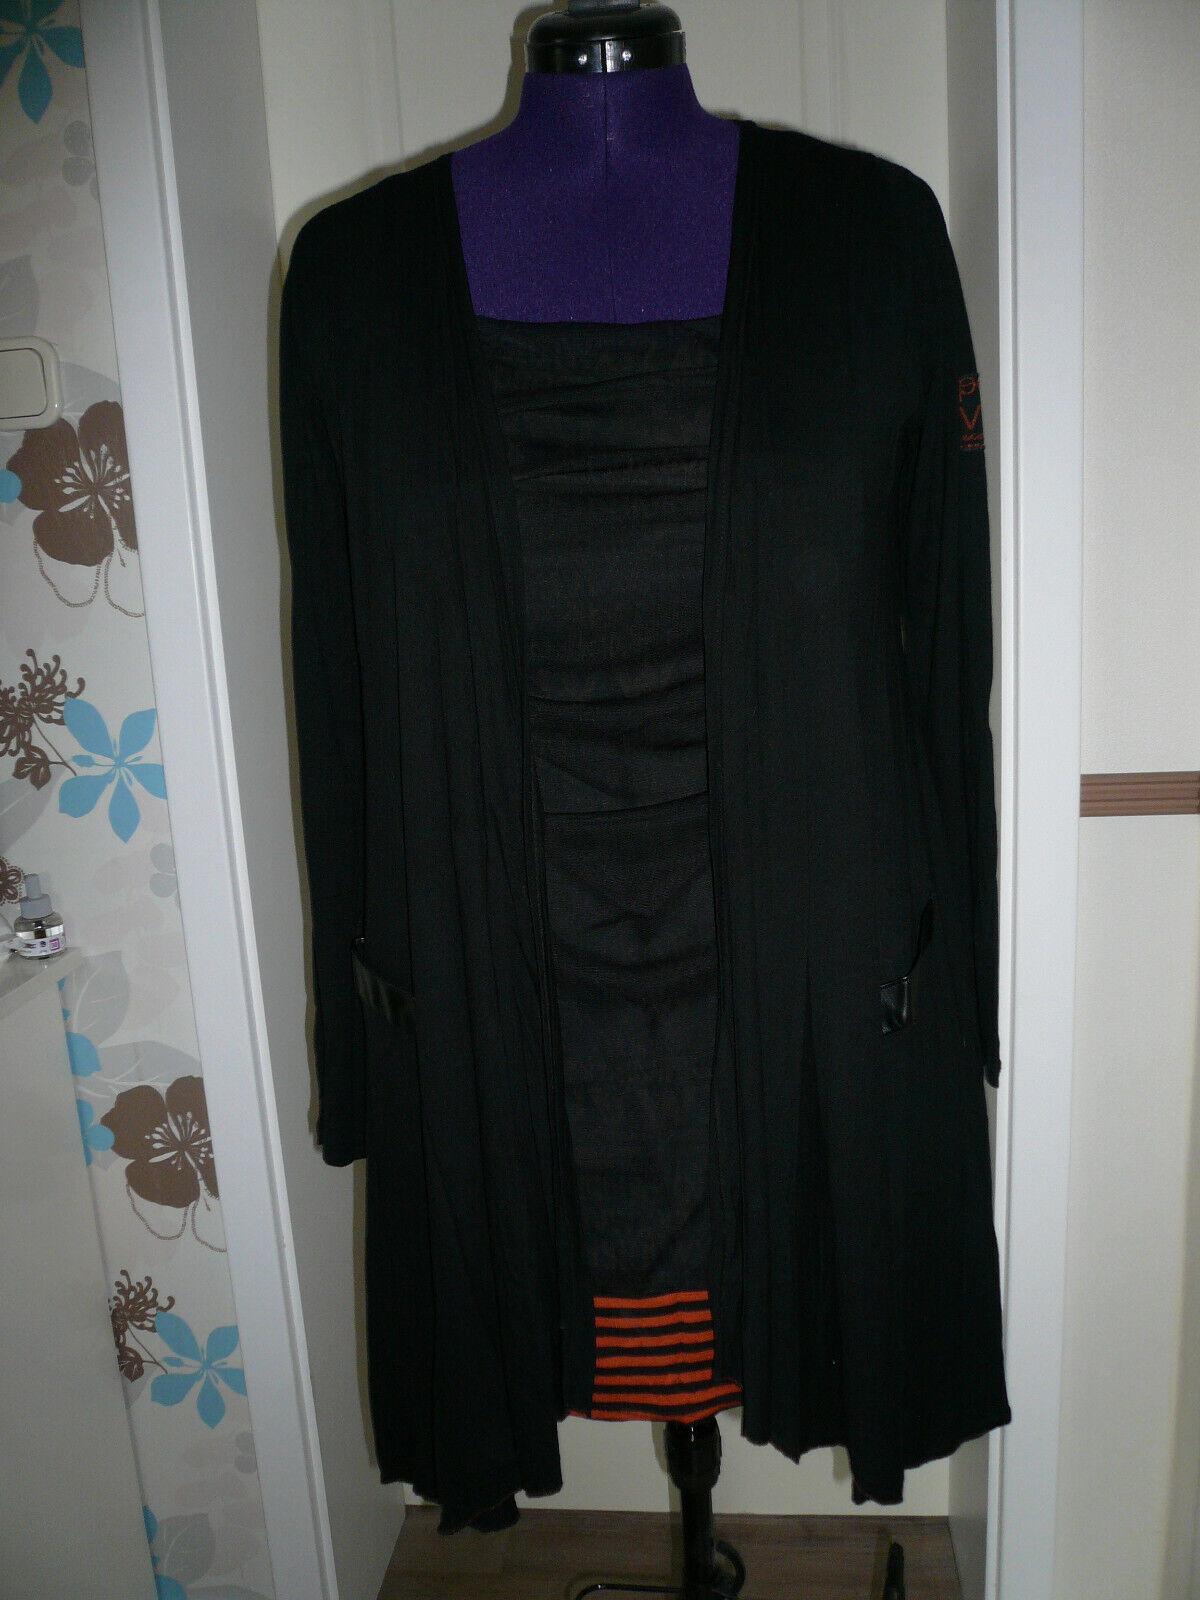 Zweiteiler Long-Shirt mit Jacke Gr. M schwarz mit rostbraun/orange Buchstaben